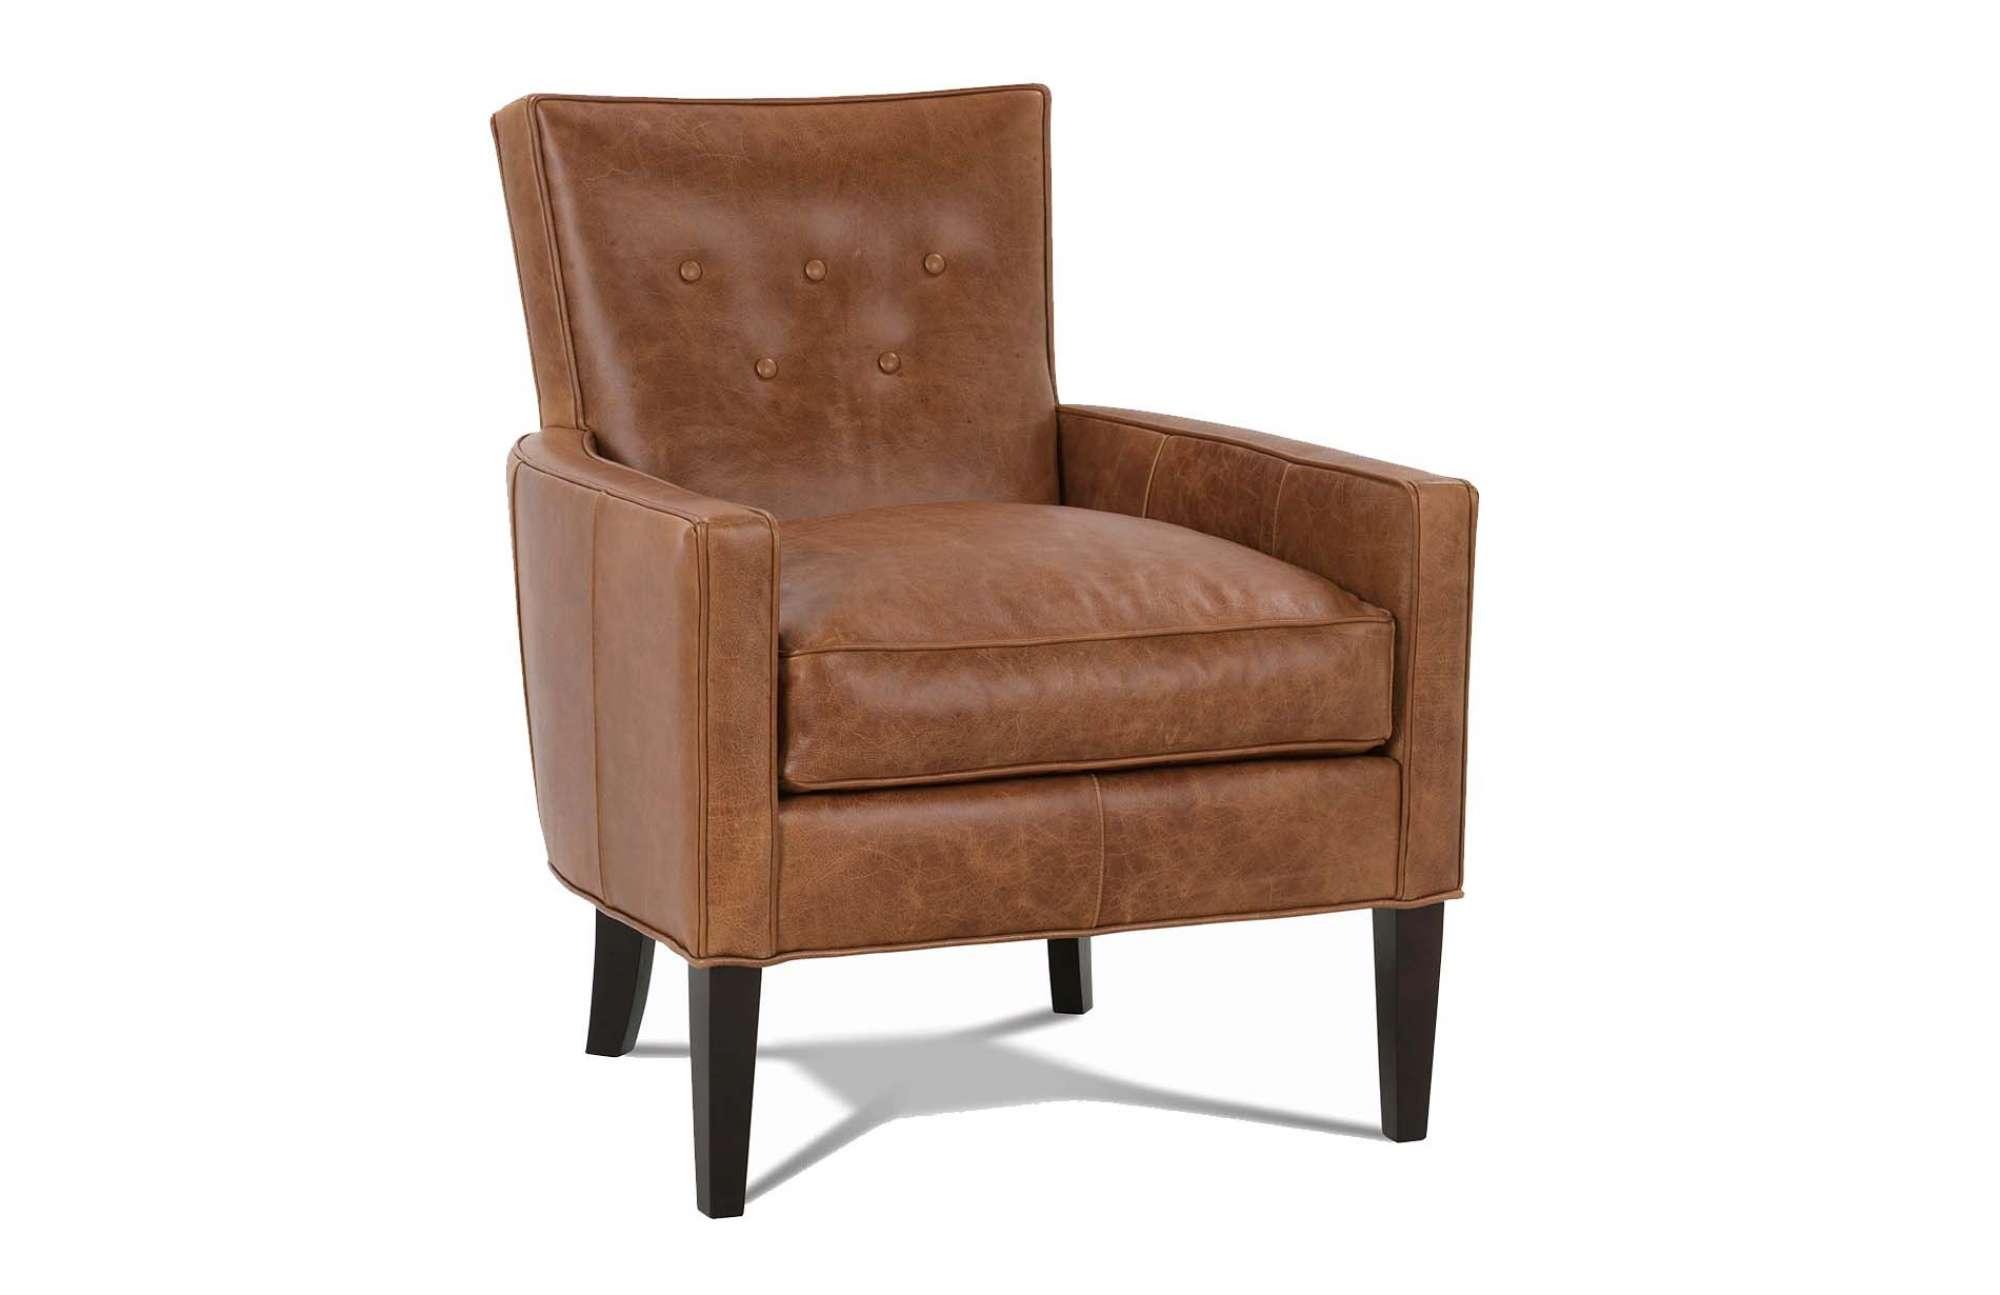 Boyd Leather Chair